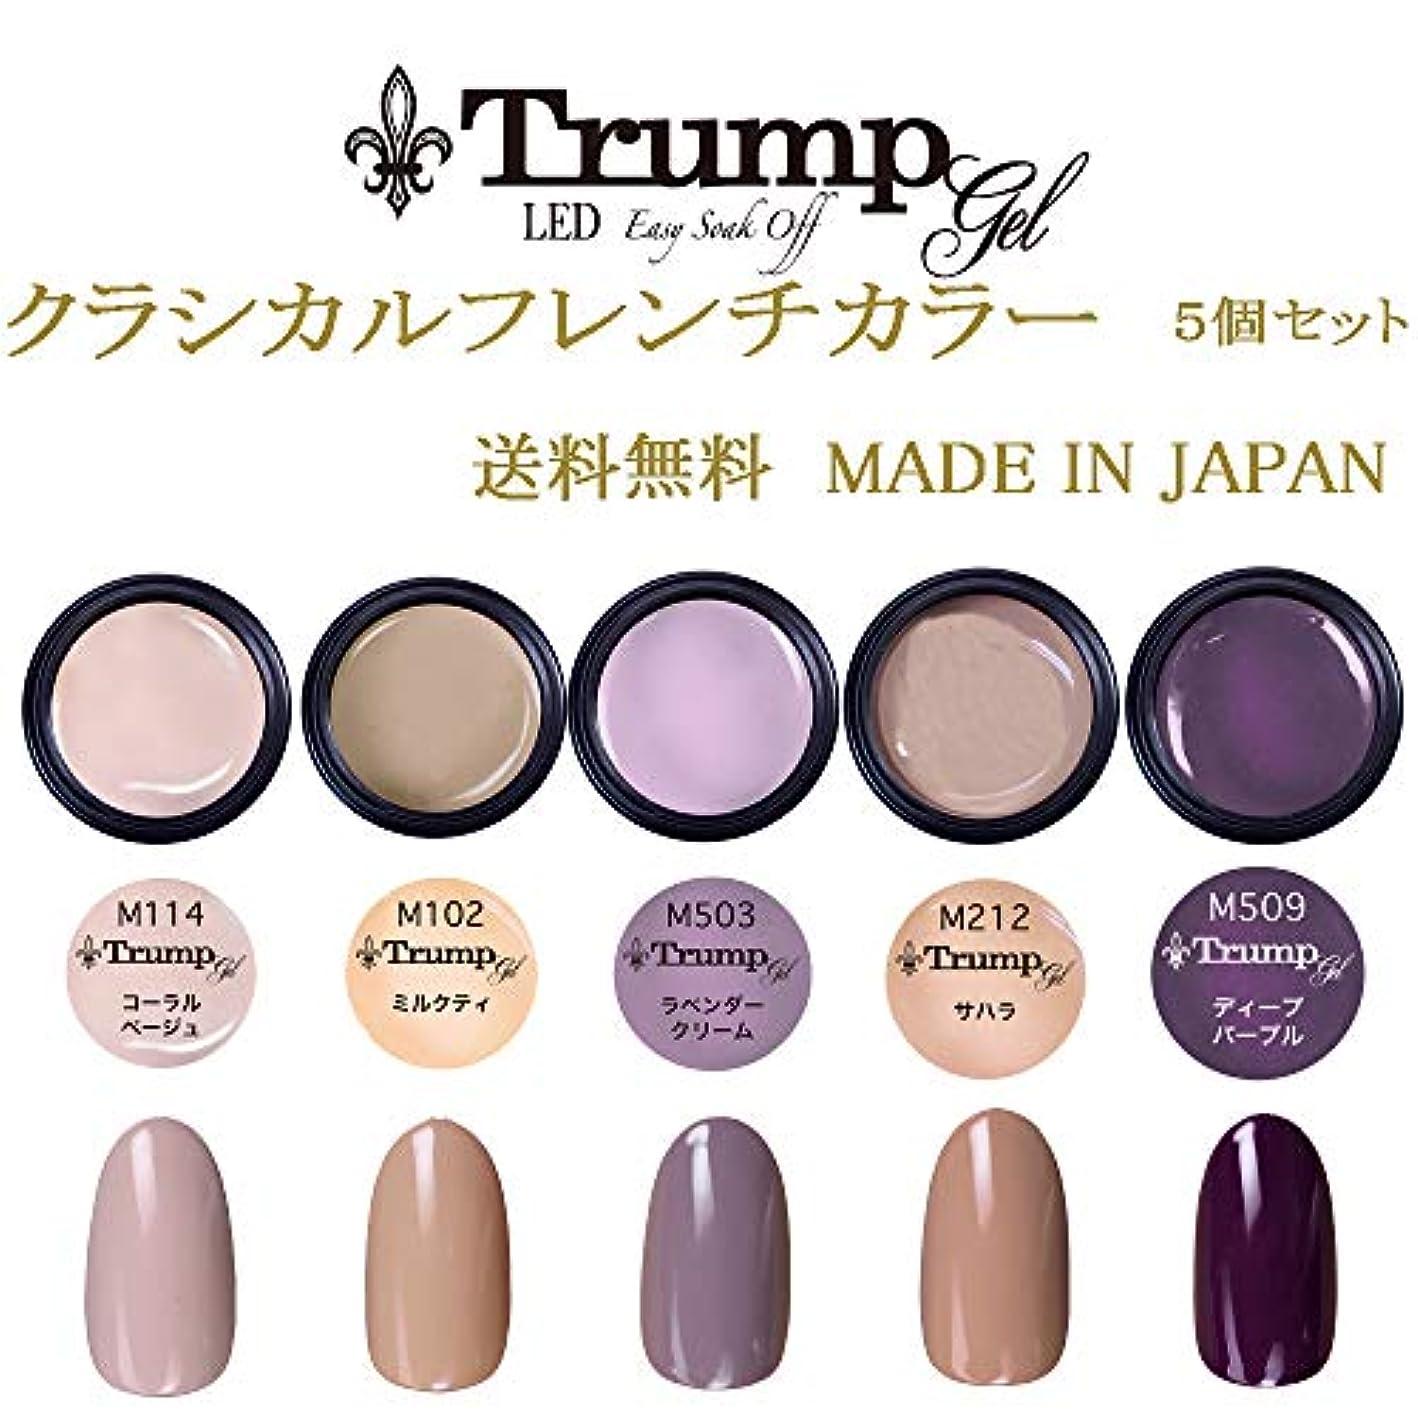 感謝している所有者自分のために【送料無料】日本製 Trump gel トランプジェル クラシカルフレンチカラージェル 5個セット スタイリッシュでオシャレな 白べっ甲カラージェルセット